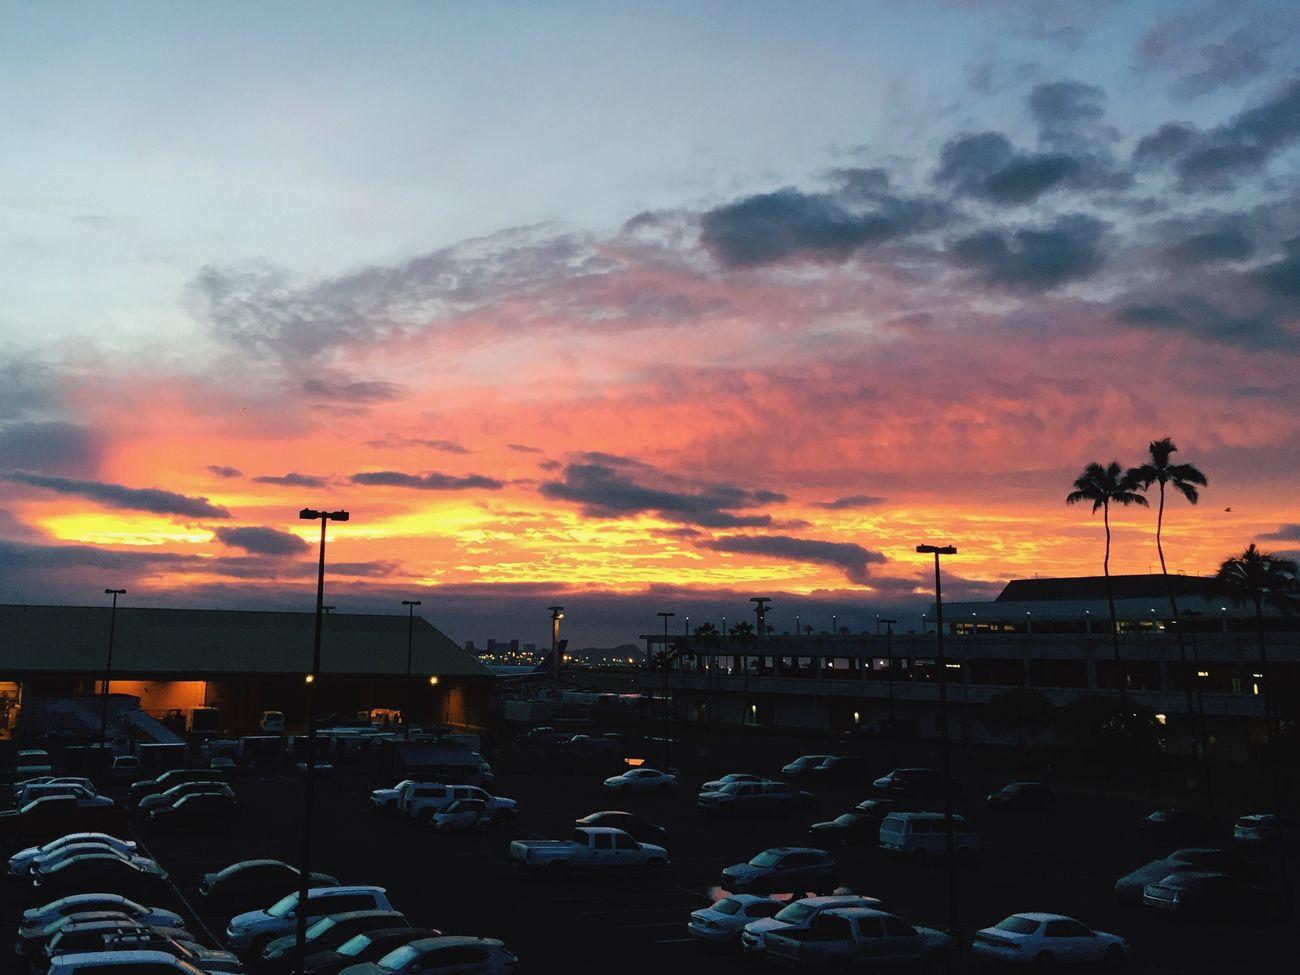 Sunrise Honolulu  Airport The sunrise when we left paradise💛